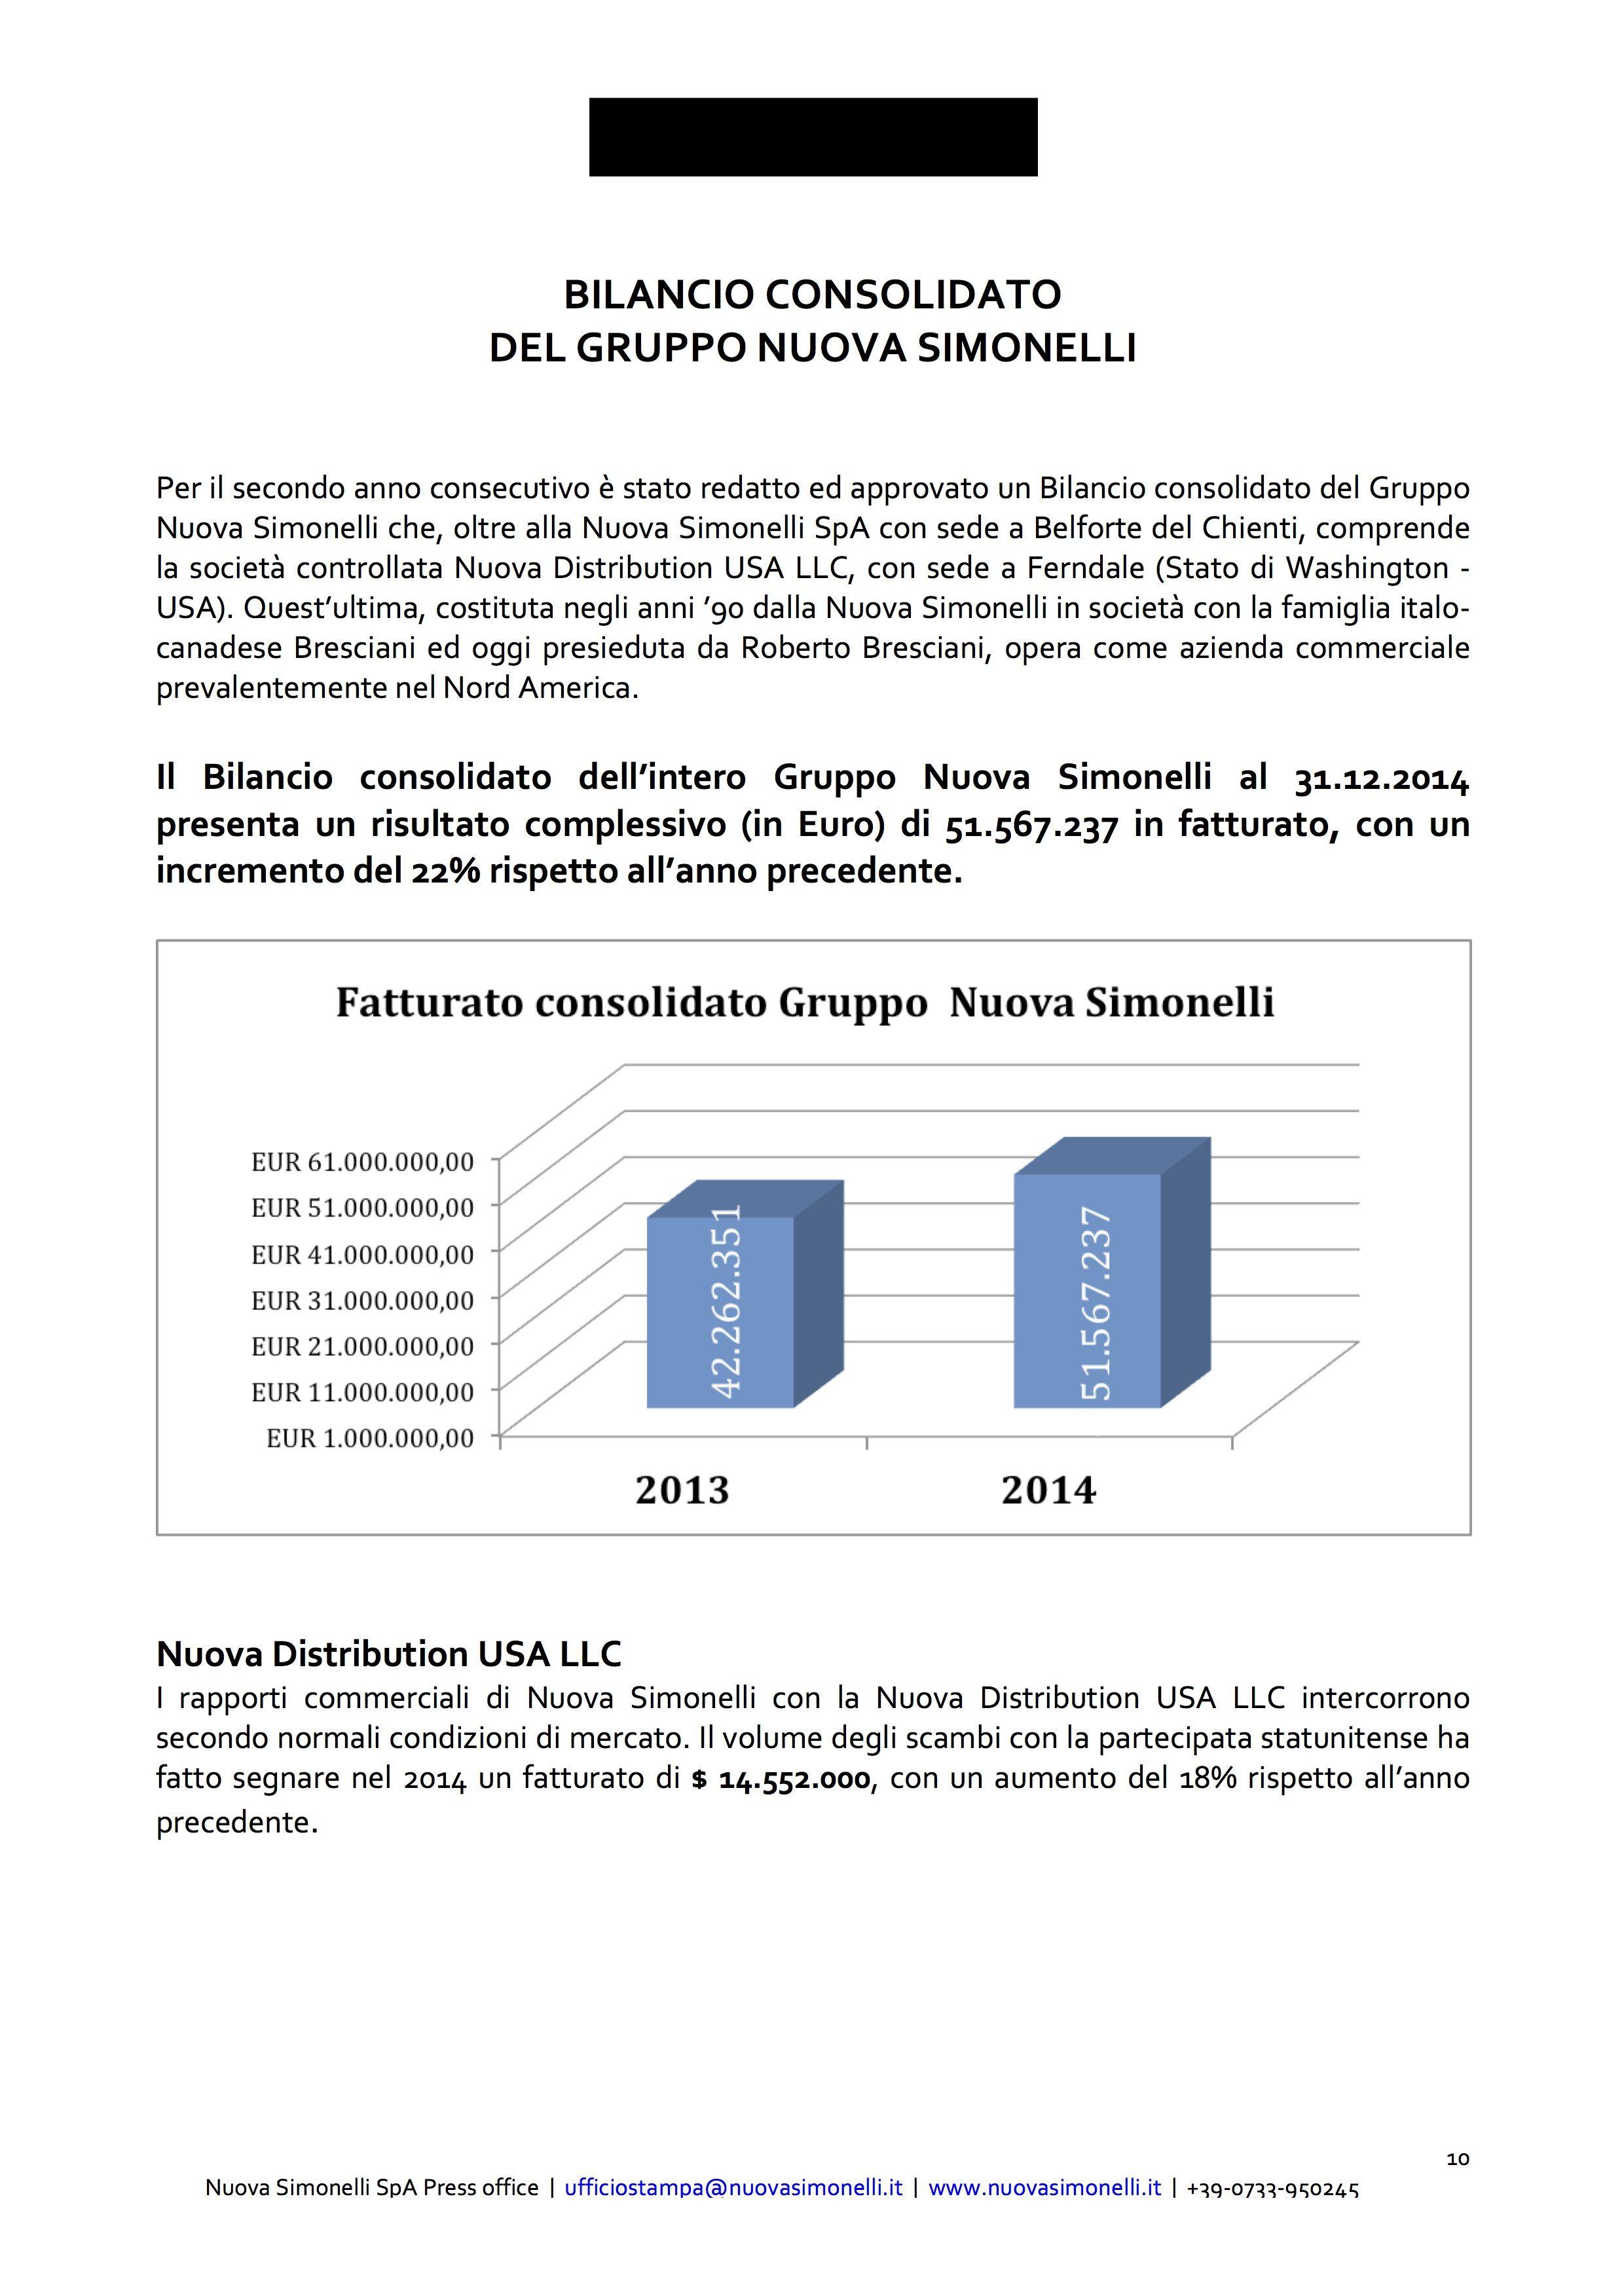 nuova simonelli bilancio 2014